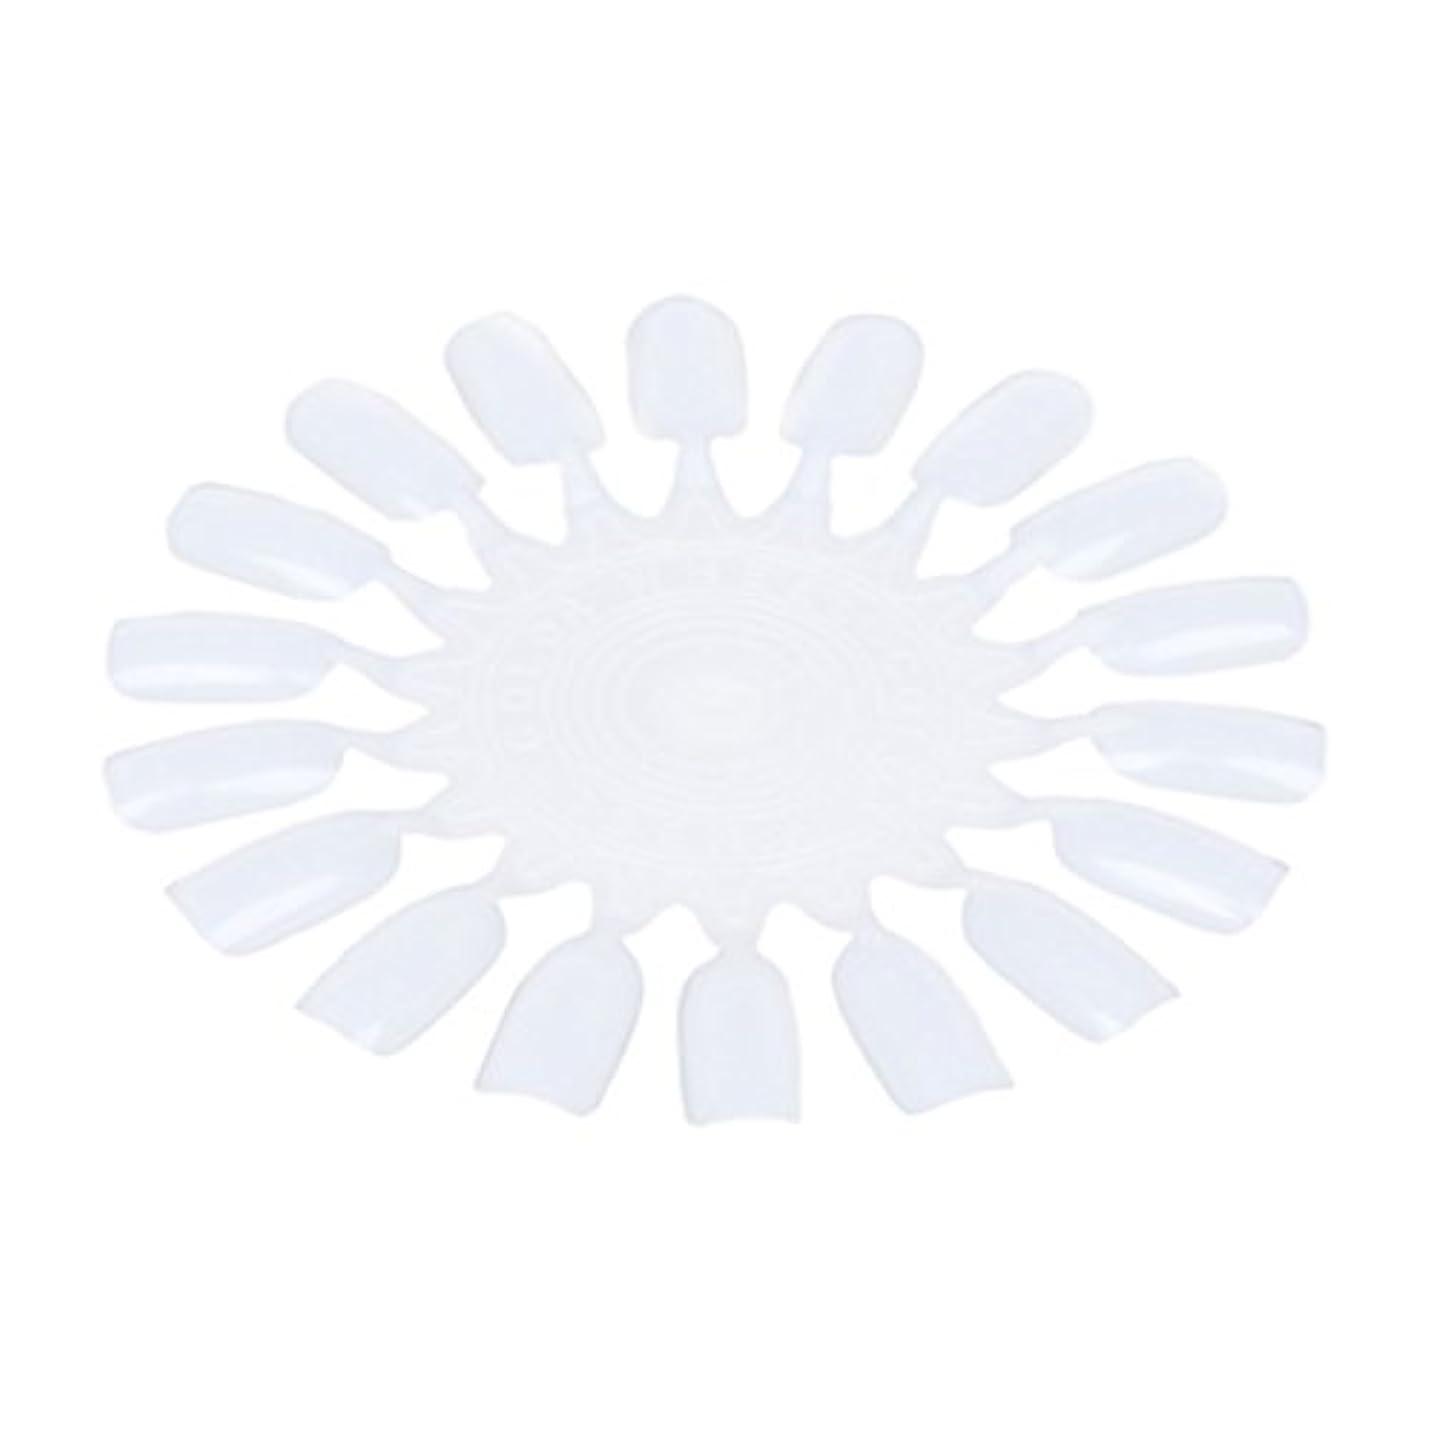 起点第アルファベット順Nrpfell 10個 メークアップ化粧ネイル ポーランドカラー段ボールカラーチャート18カラー ベージュ